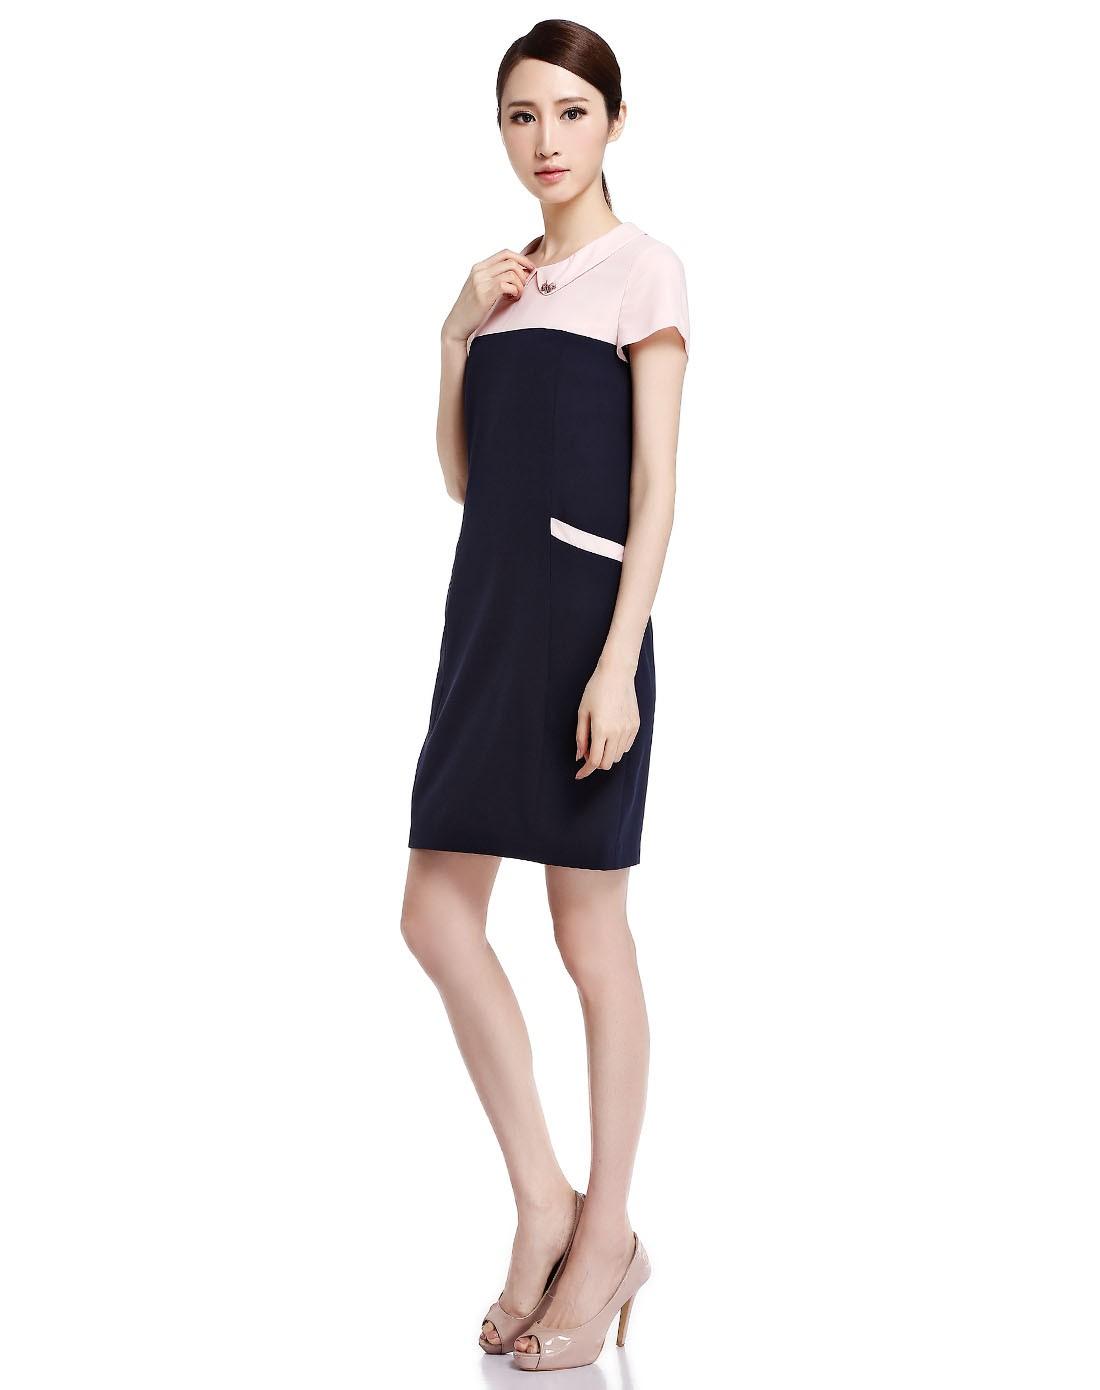 深蓝/粉红色简约拼接短袖连衣裙